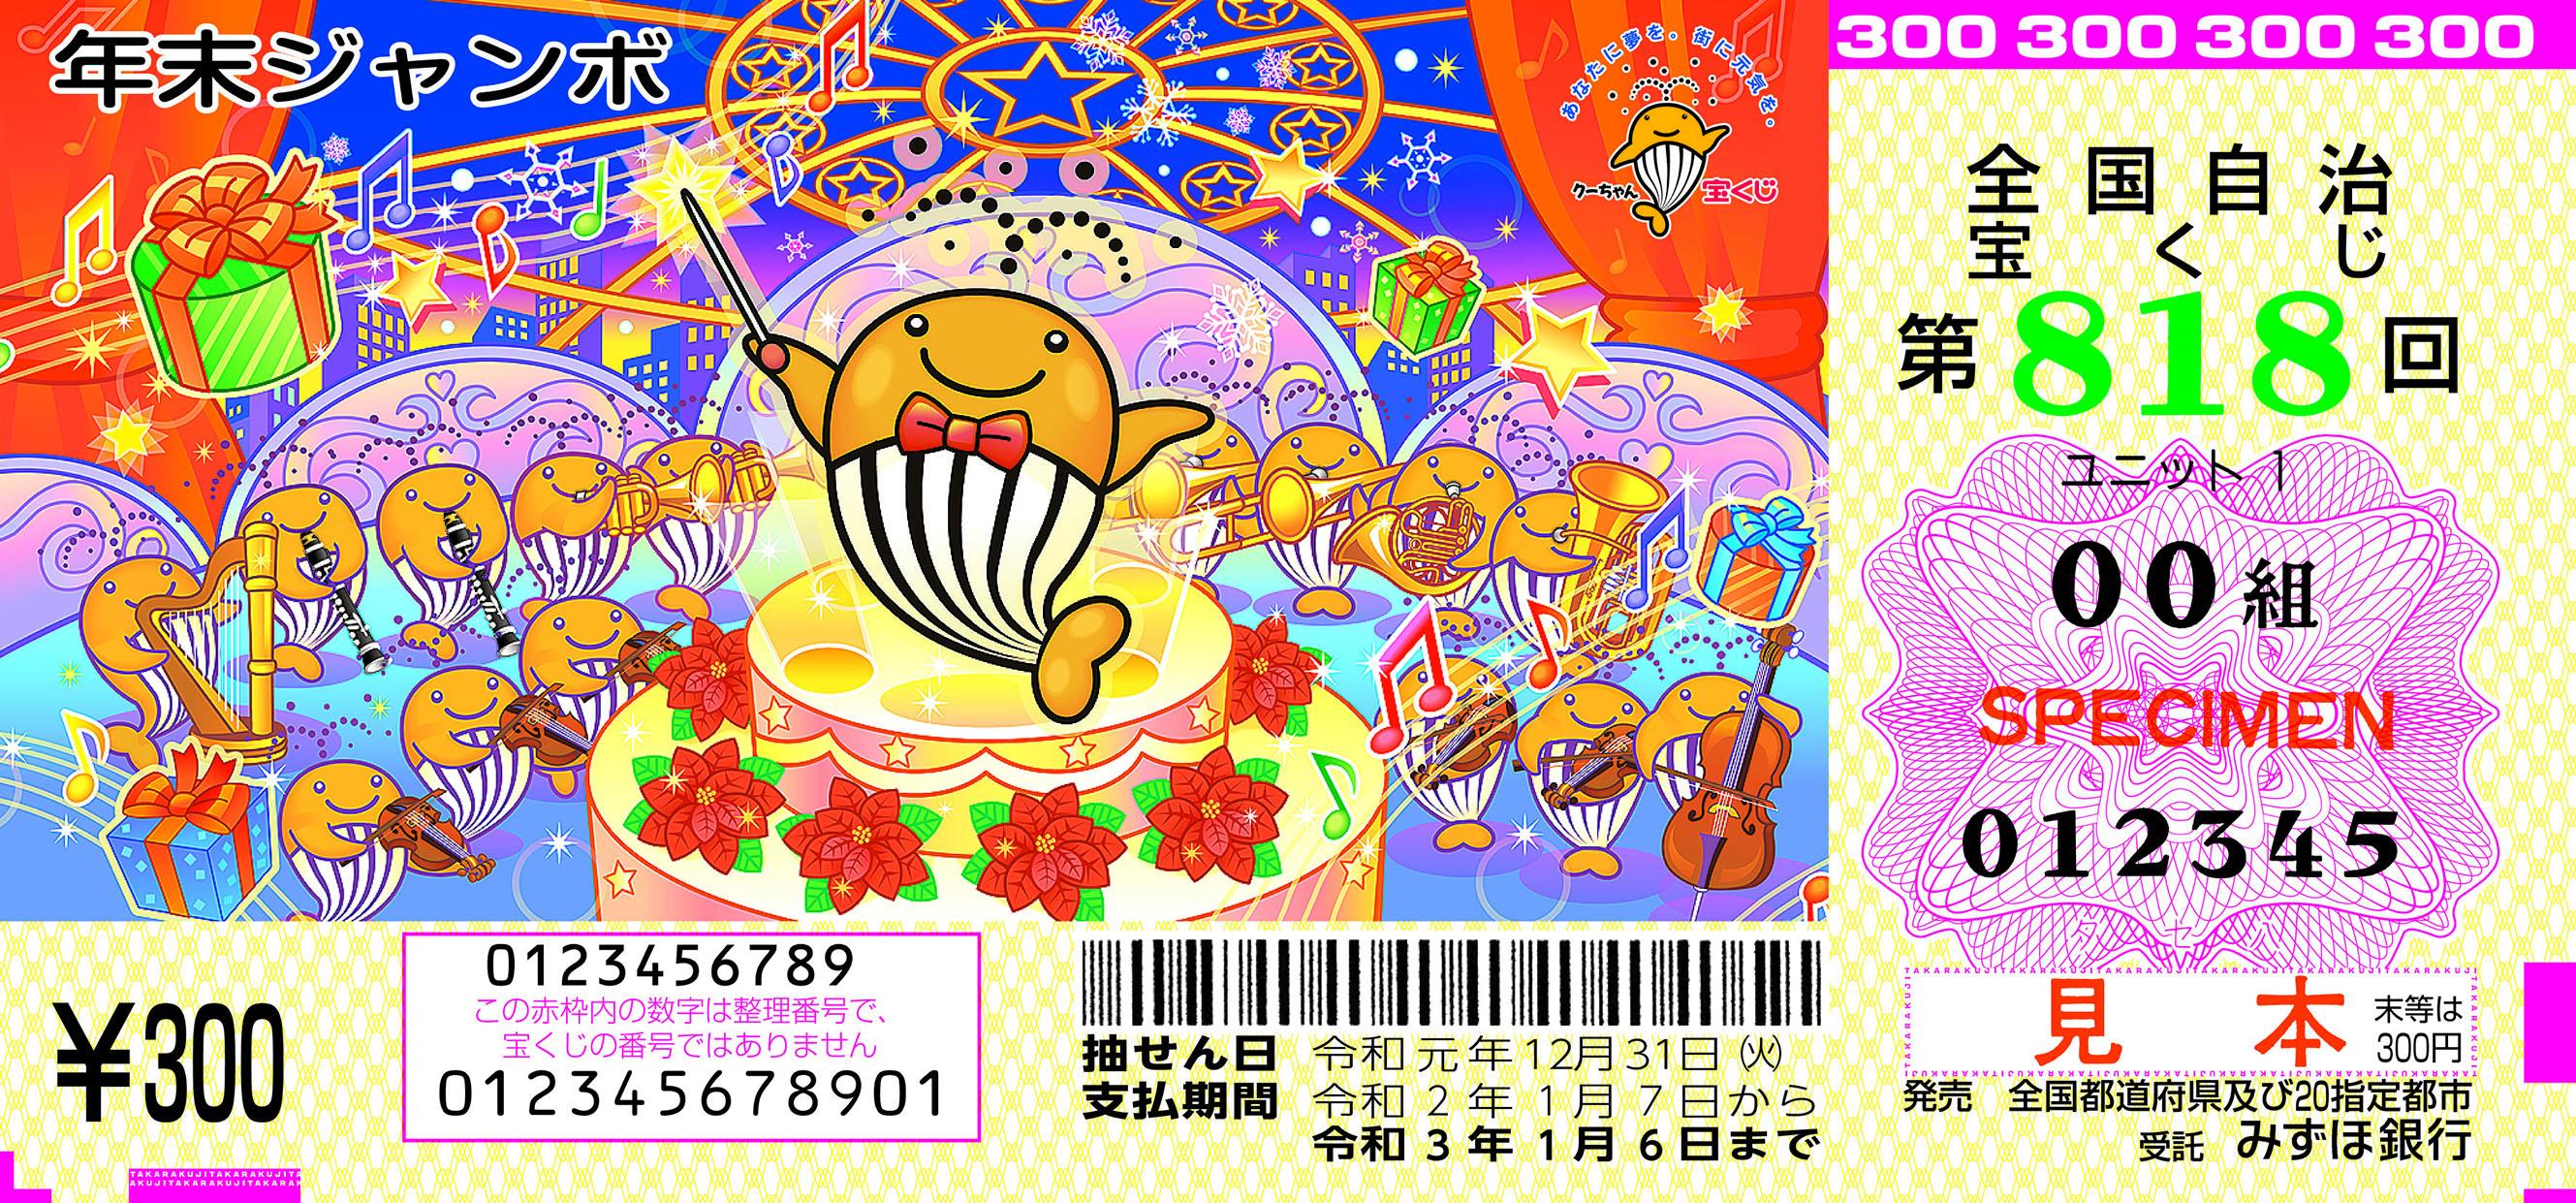 2019年末ジャンボ証票